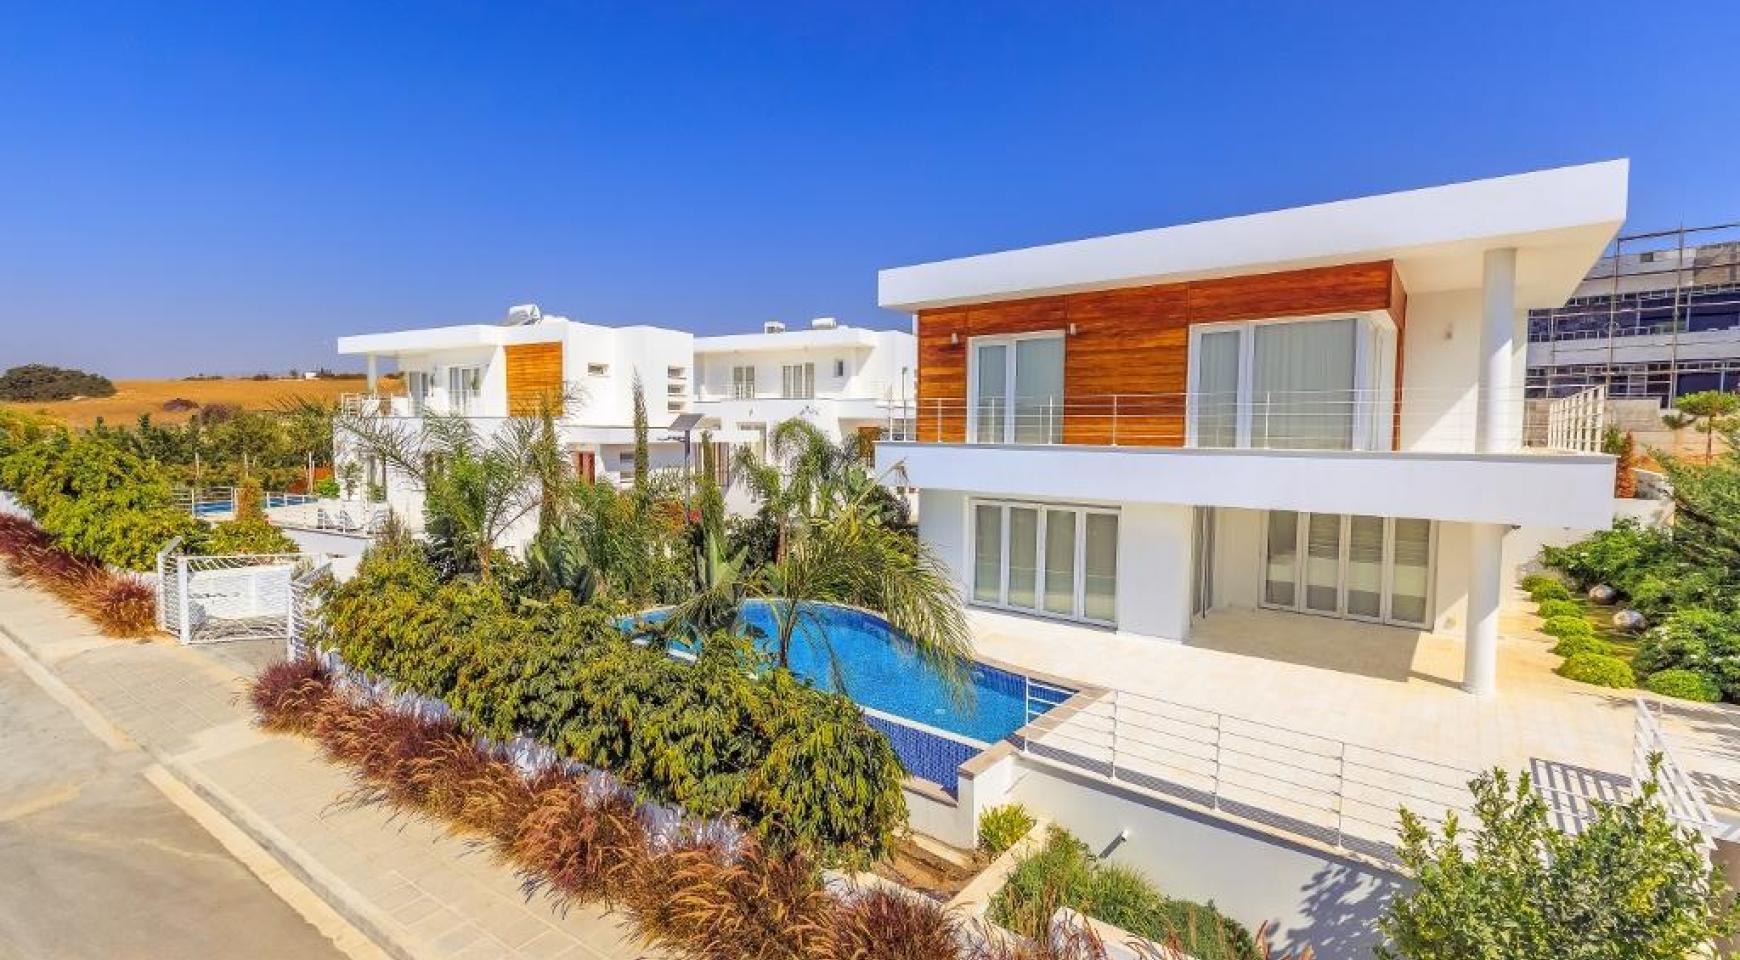 Современная 4-Спальная Вилла с Видом на Море в Районе Agios Tychonas - 3